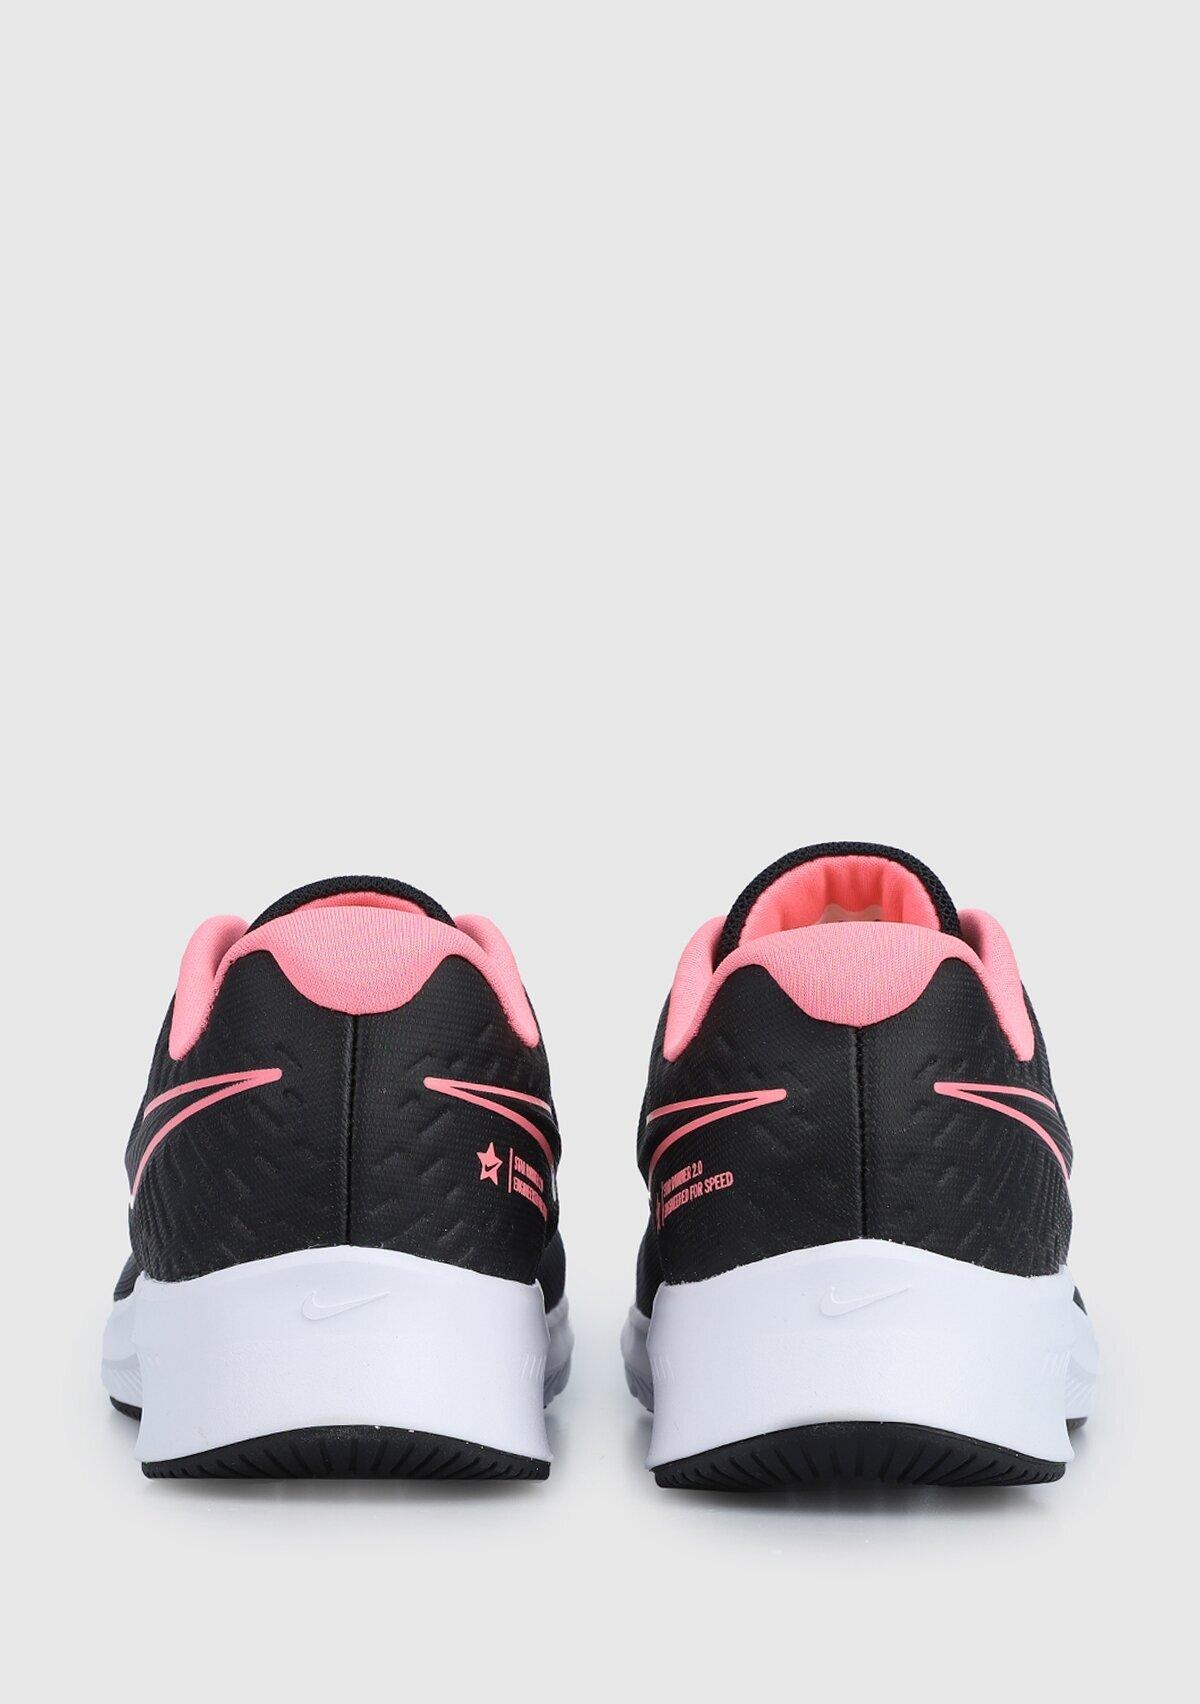 resm Star Runner Siyah Kadın Koşu Ayakkabısı Aq3542-002